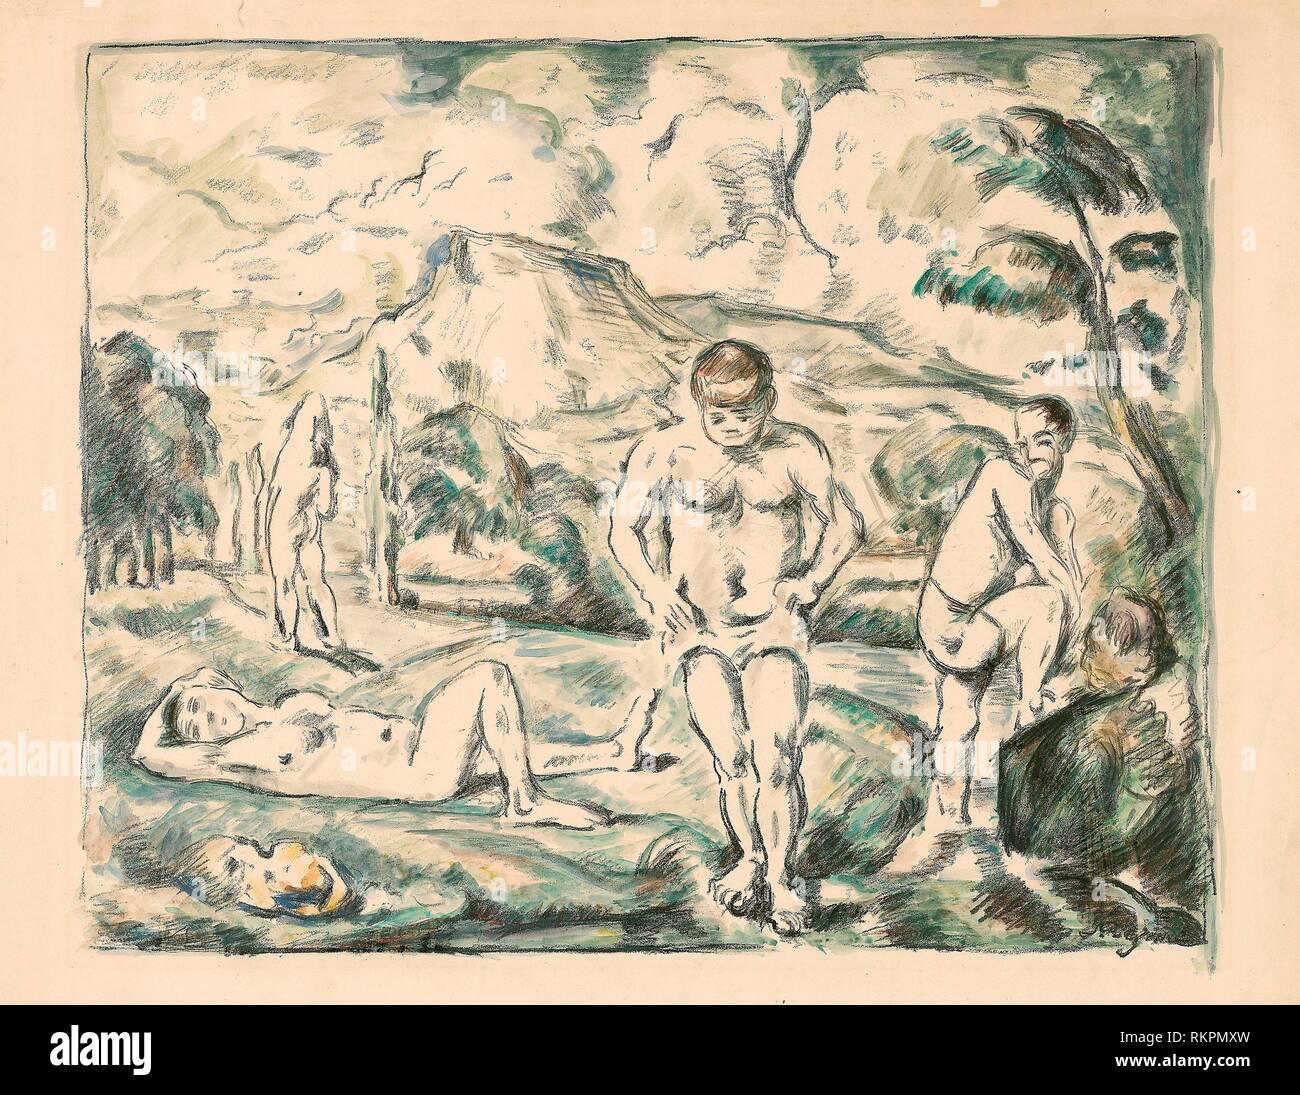 Les grandes baigneuses - 1896-c. 1898 - Paul Cézanne (Français, 1839-1906) imprimé par Auguste Clot (Français, 1858-1936) - Artiste: Paul Cézanne, origine: France, Banque D'Images